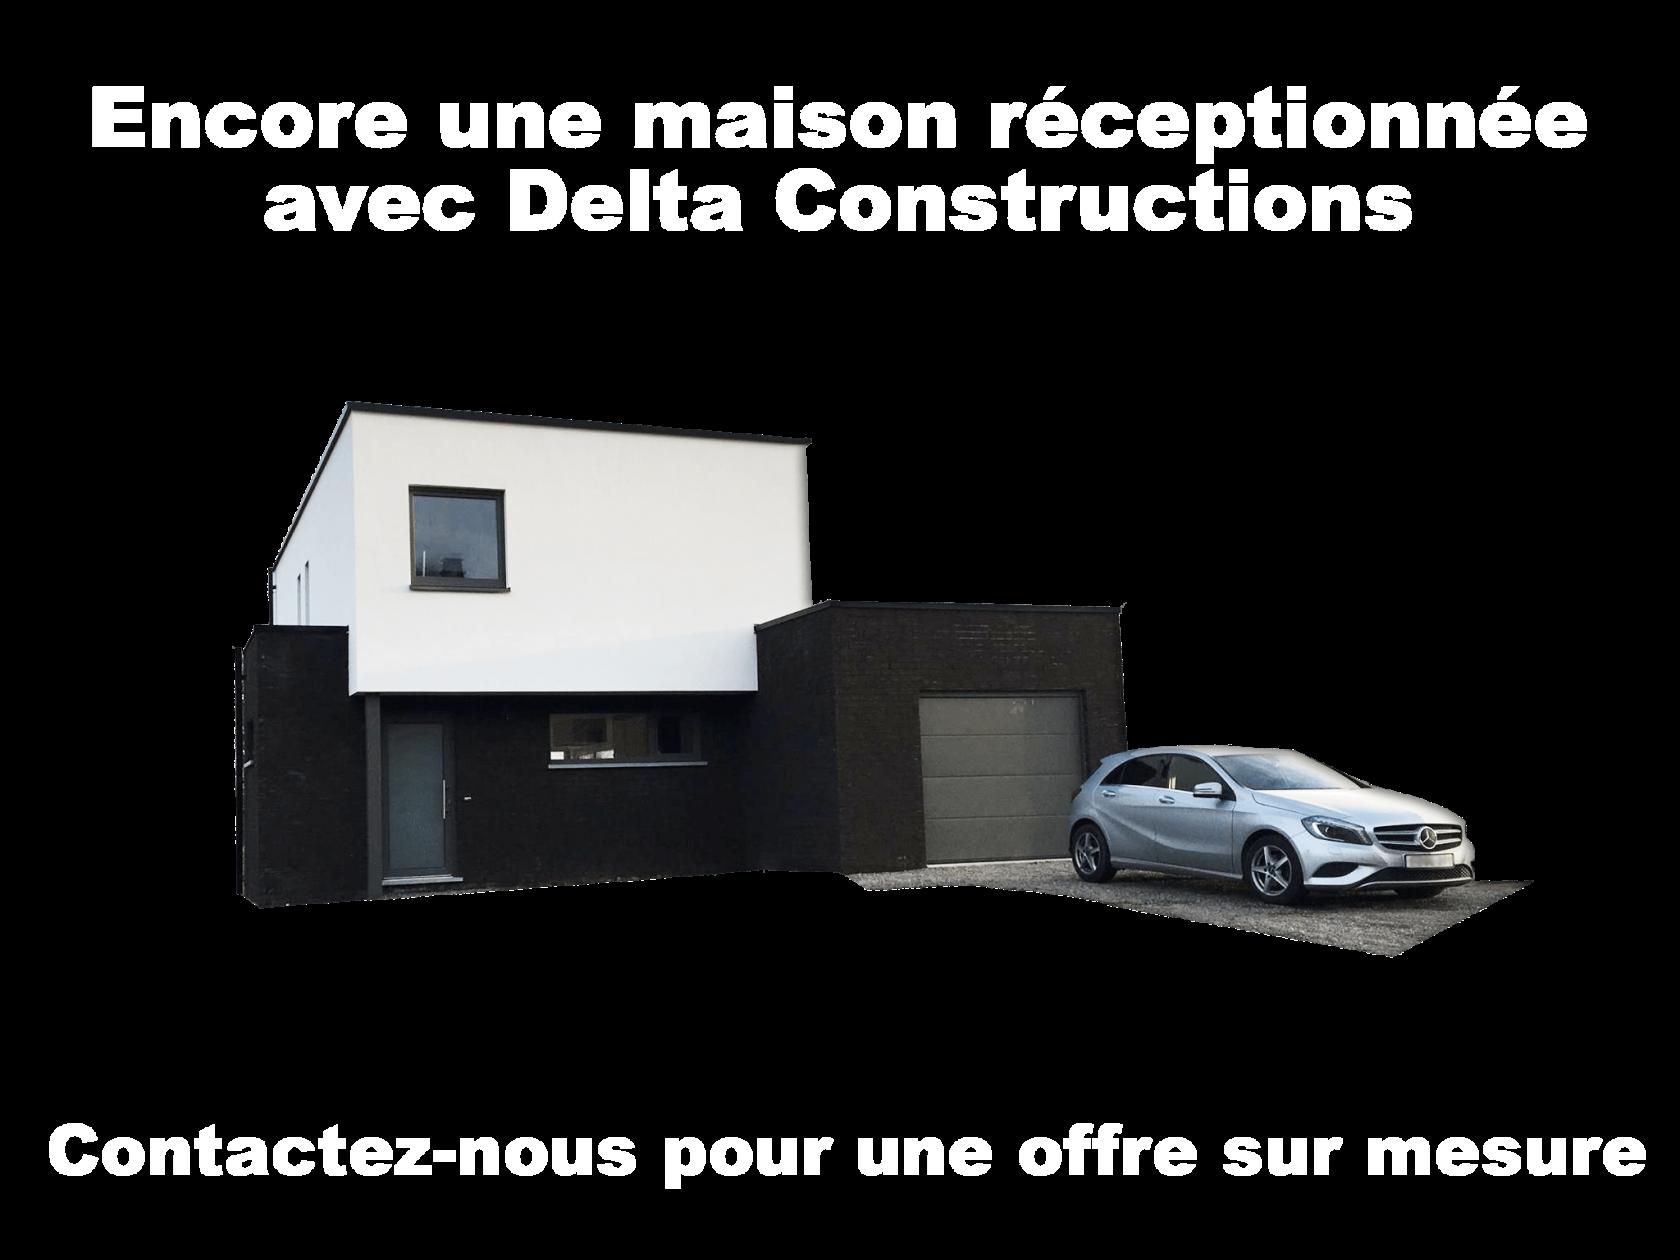 reception Delta Constructions